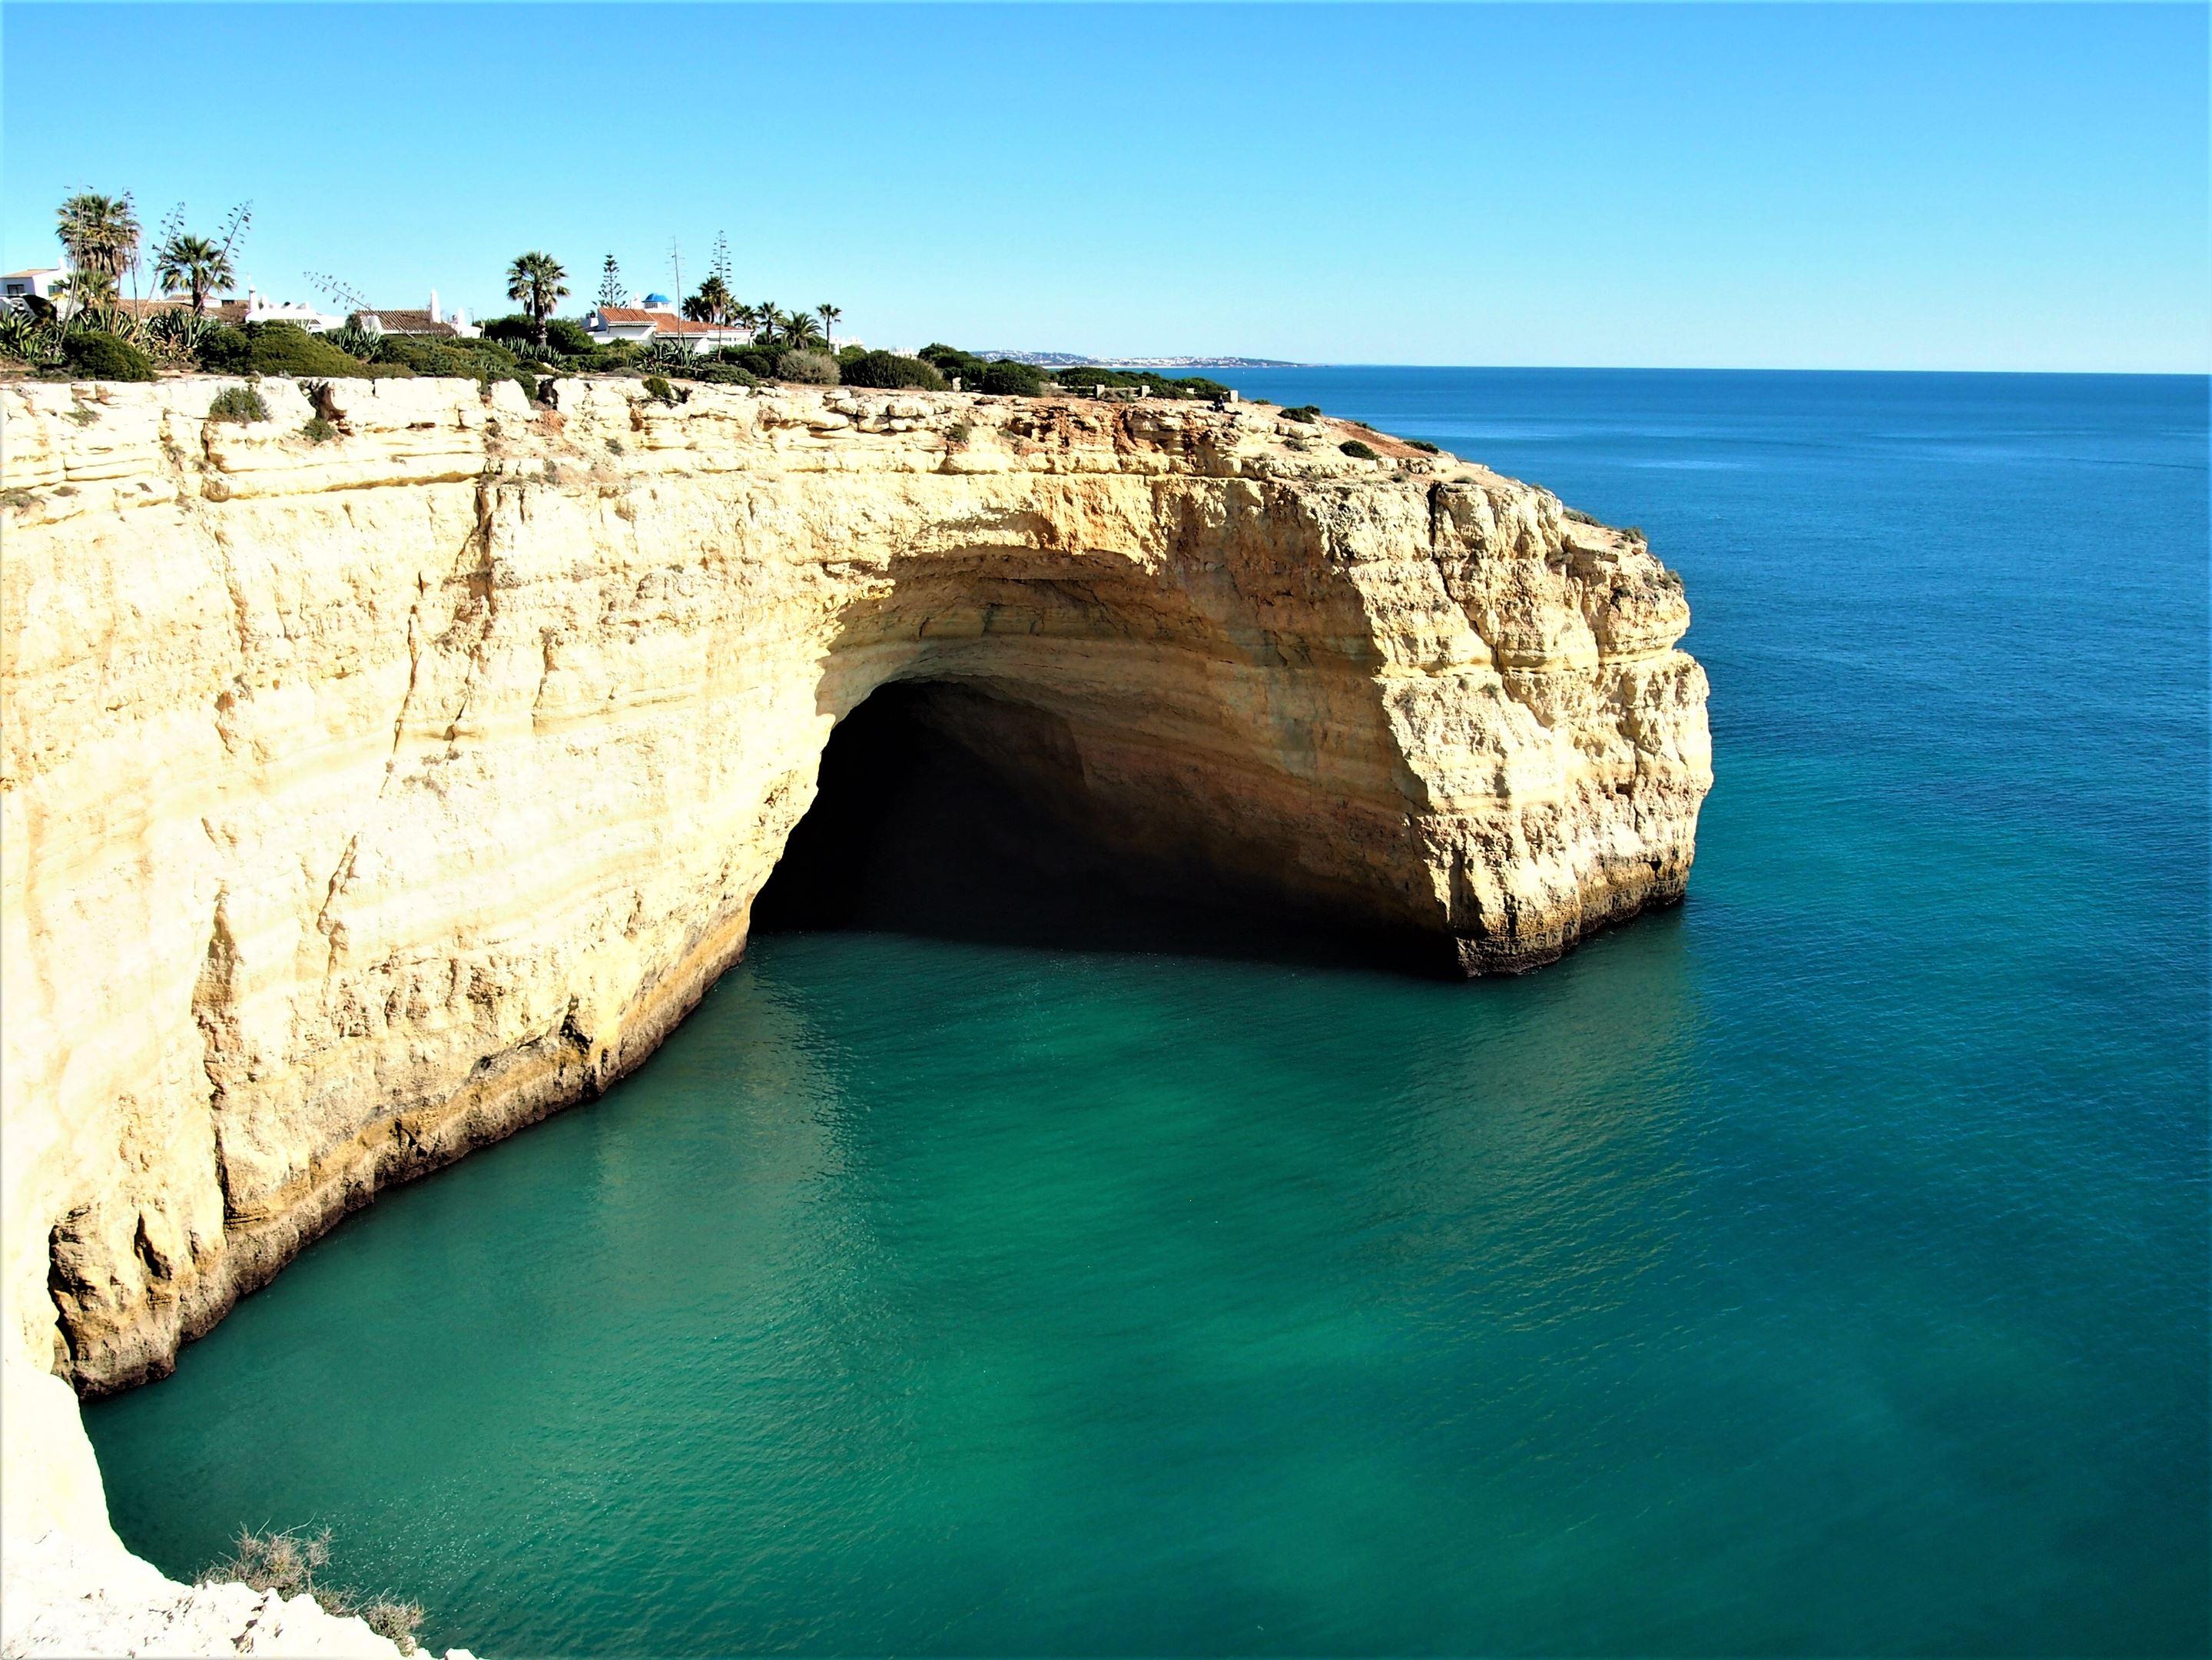 Una gran cueva en el Paseo de los Siete Valles Colgantes, cerca de Praia do Carvalho